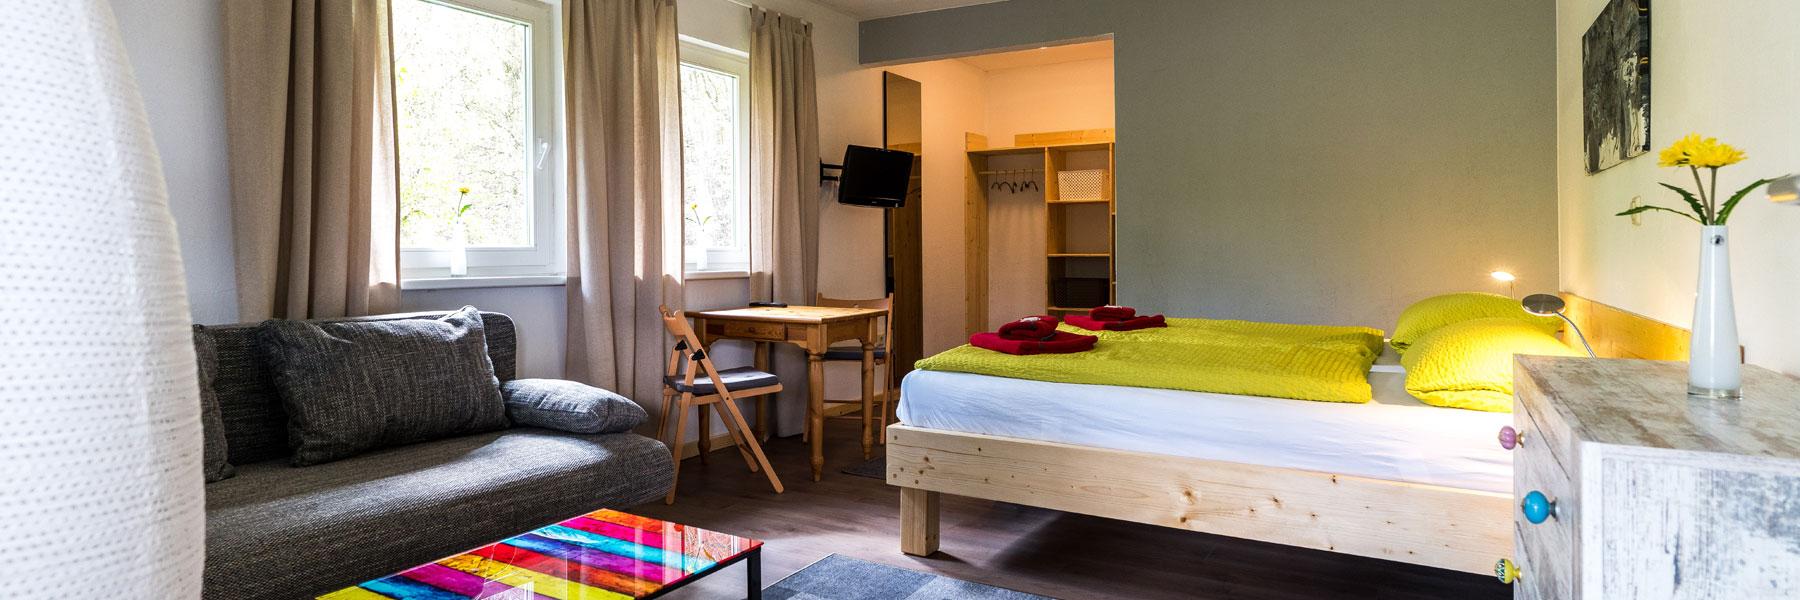 Zimmeransicht - Landhotel & Restaurant Prälank